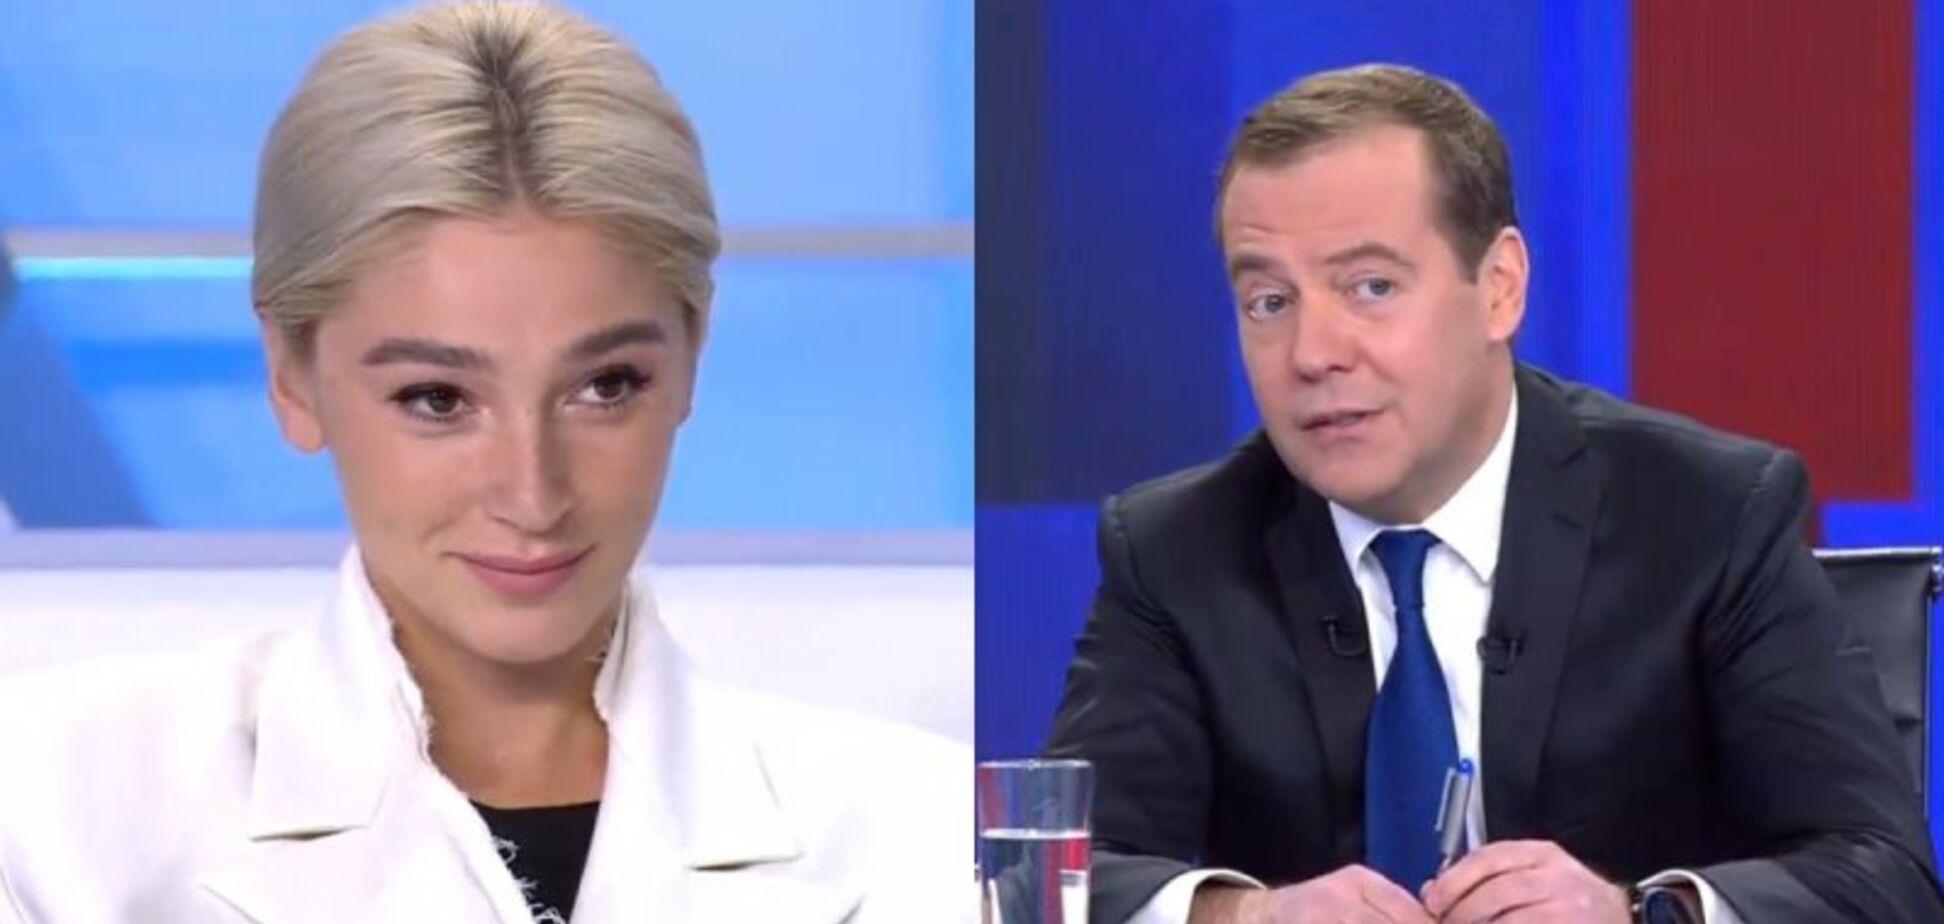 Ивлеева, Батрутдинов и другие: кого неожиданно пустили на пресс-конференцию Медведева